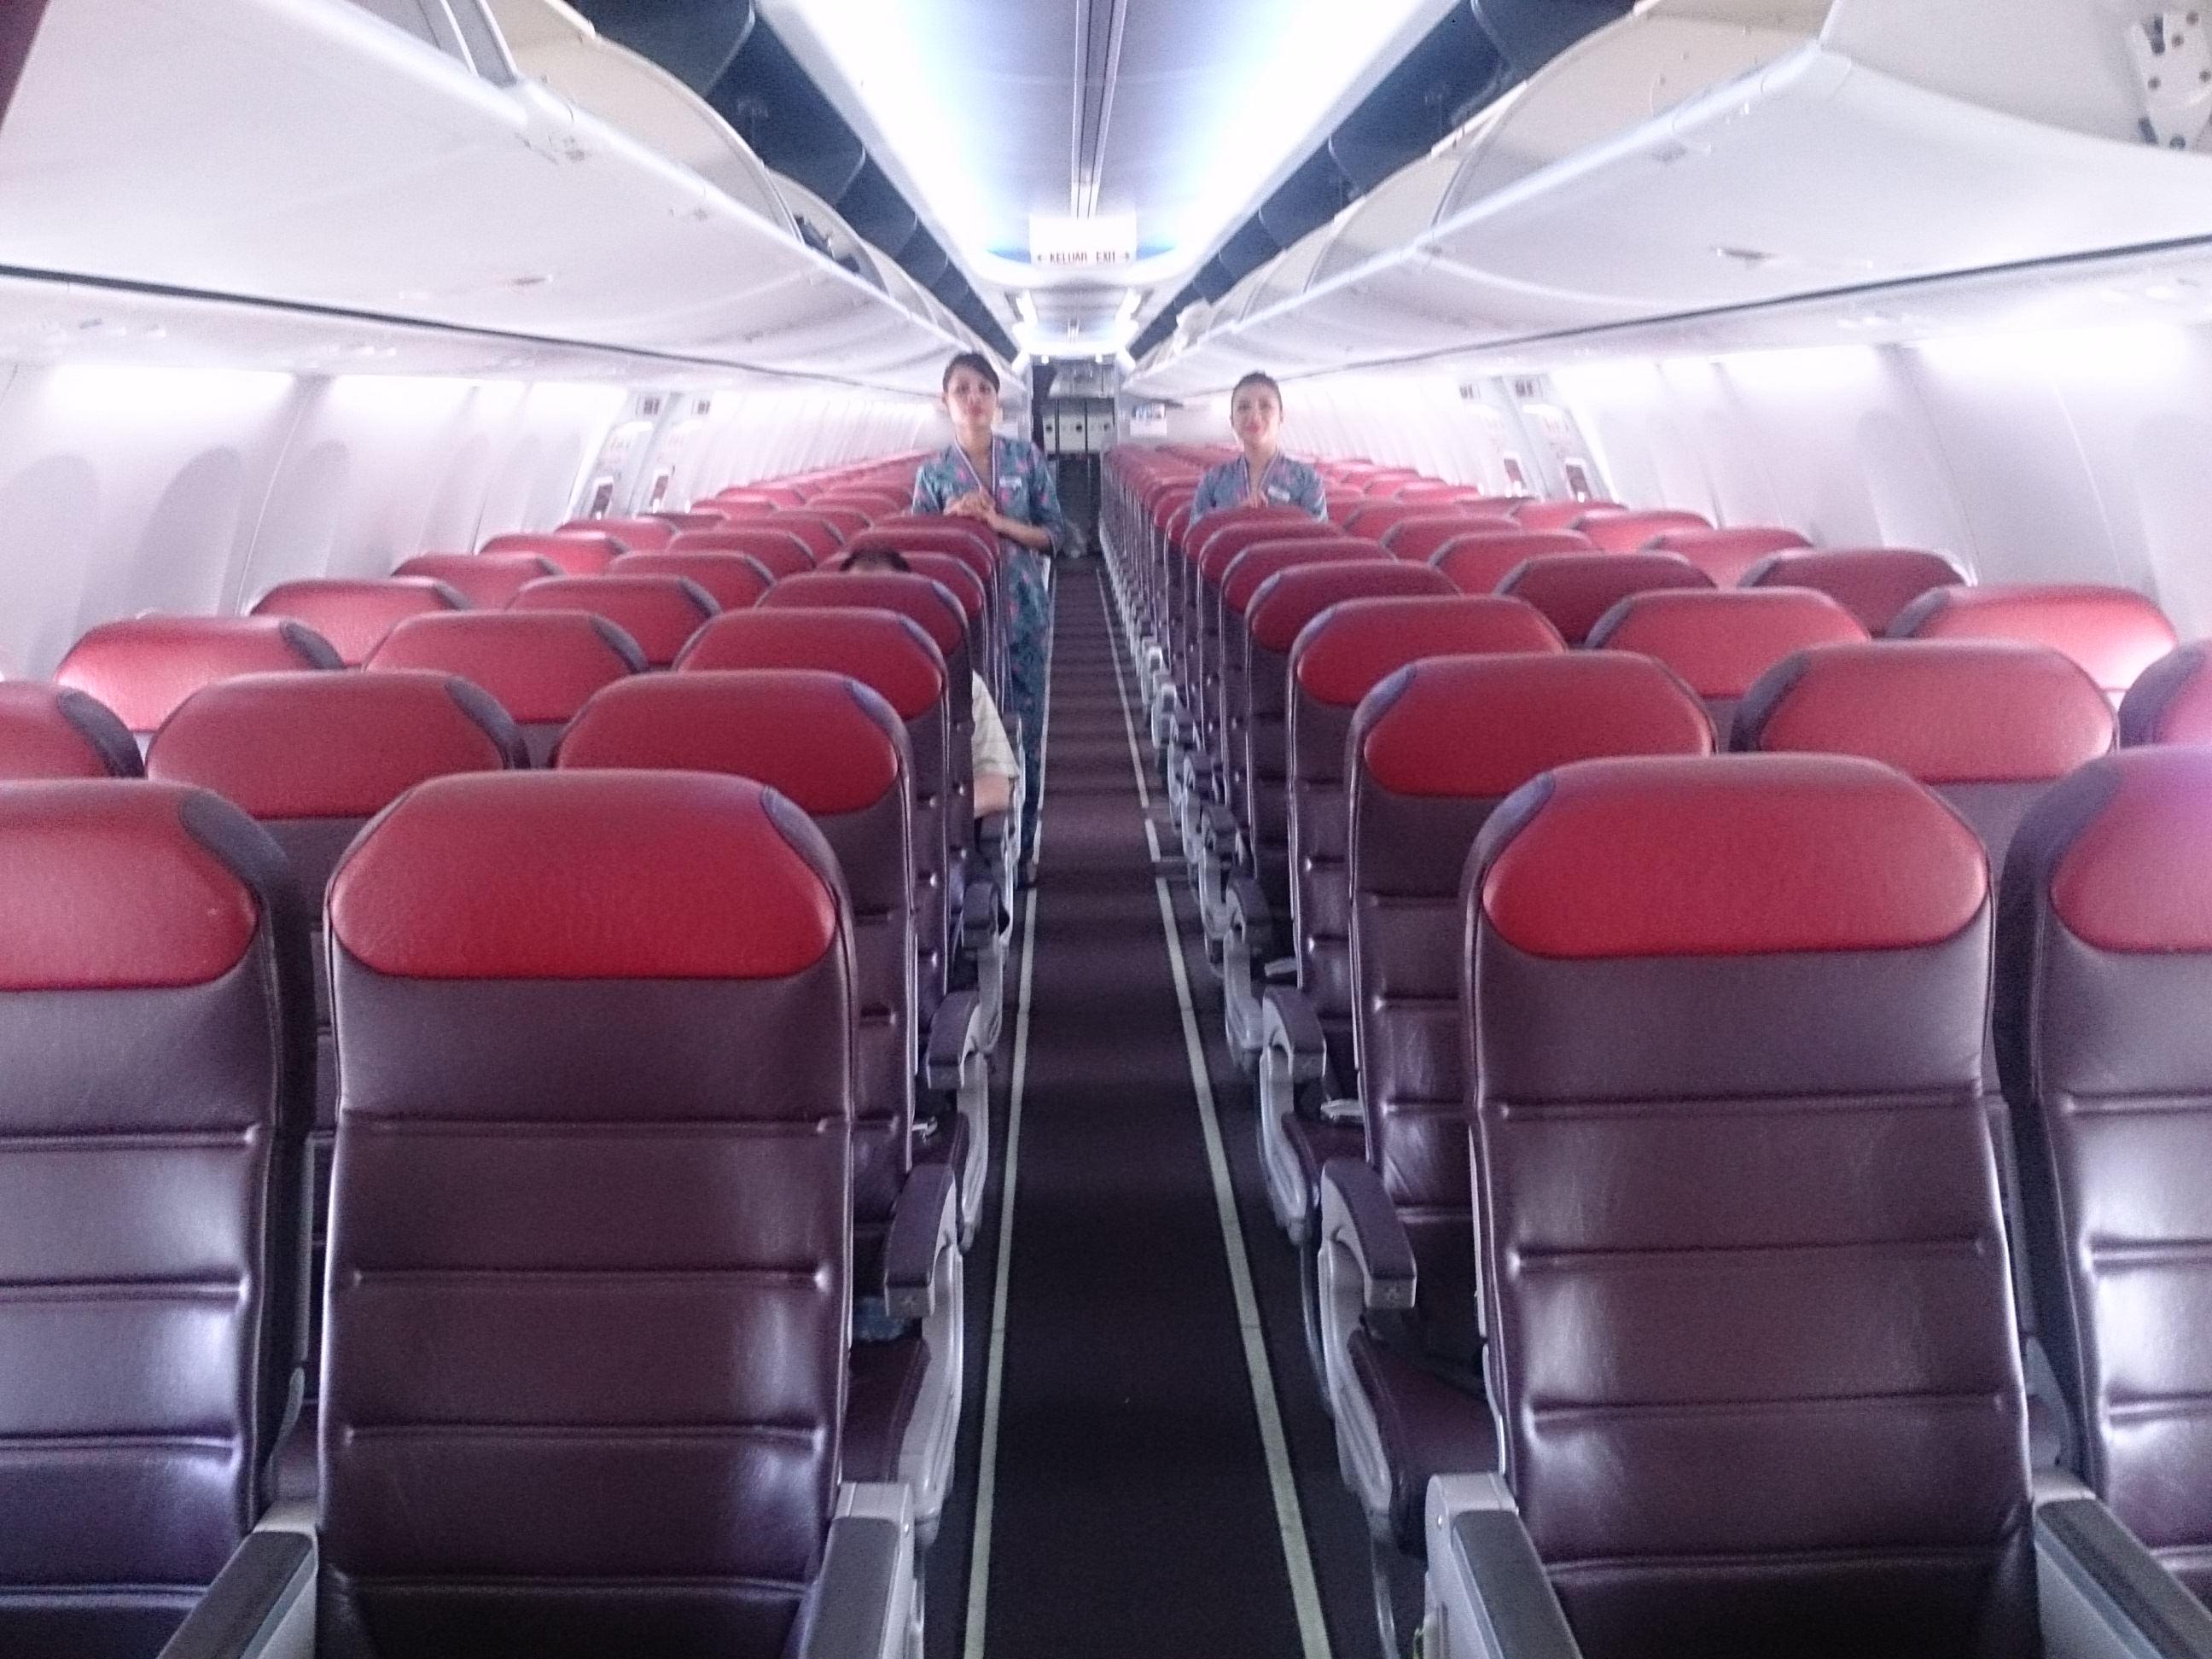 シンガポール-クアラルンプール マレーシア航空ビジネスクラス B737-800 MH0614